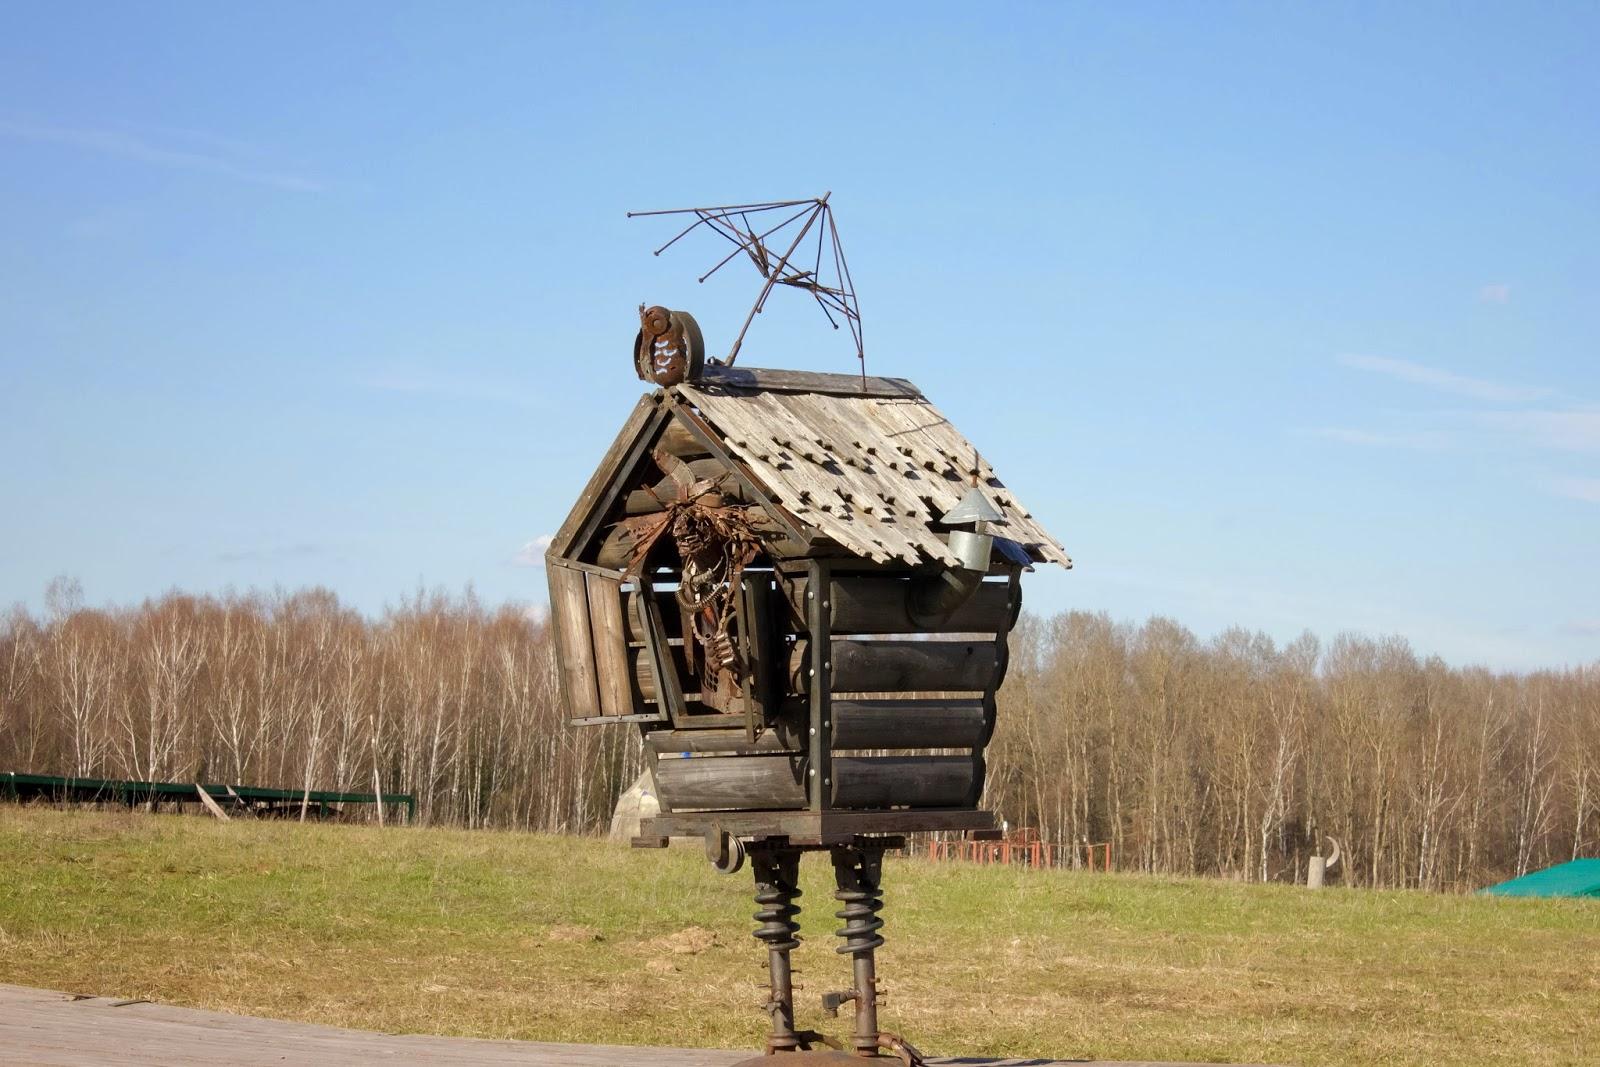 Калуга, Калужская область, Этномир, Избушка на курьих ножках